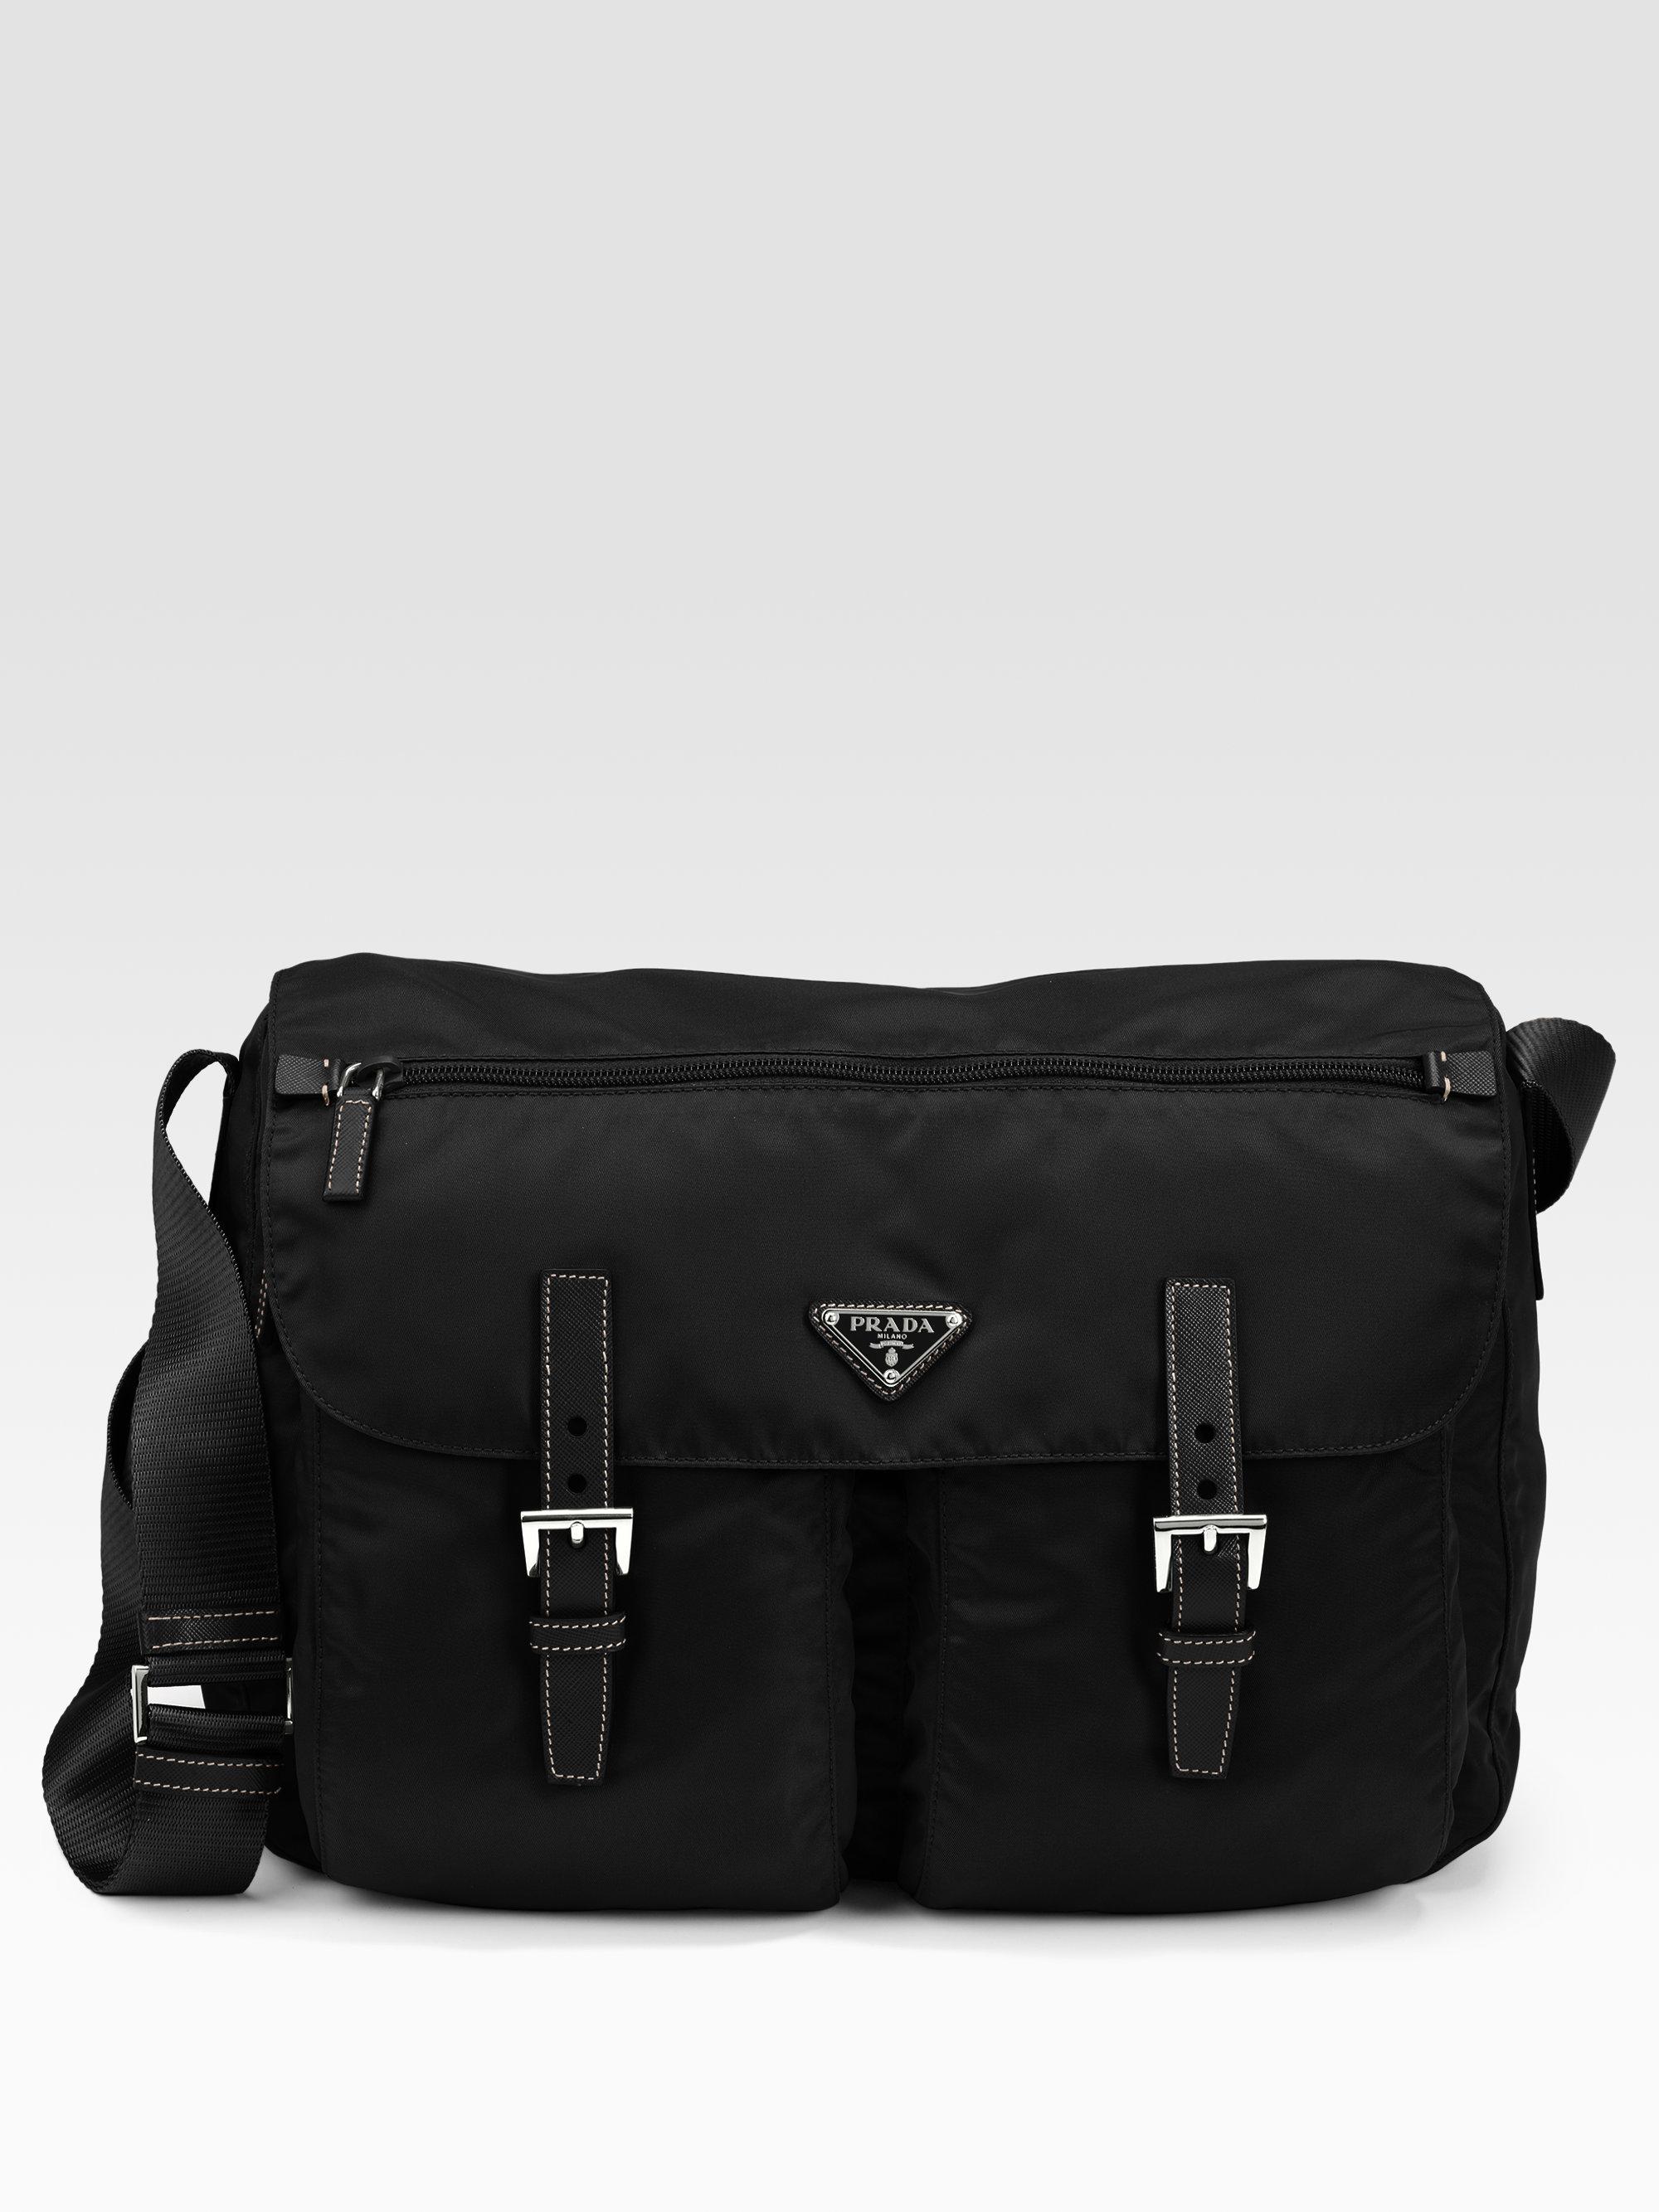 920e5c25e243 ... germany prada vela two pocket messenger bag in black for men lyst 1608a  92c32